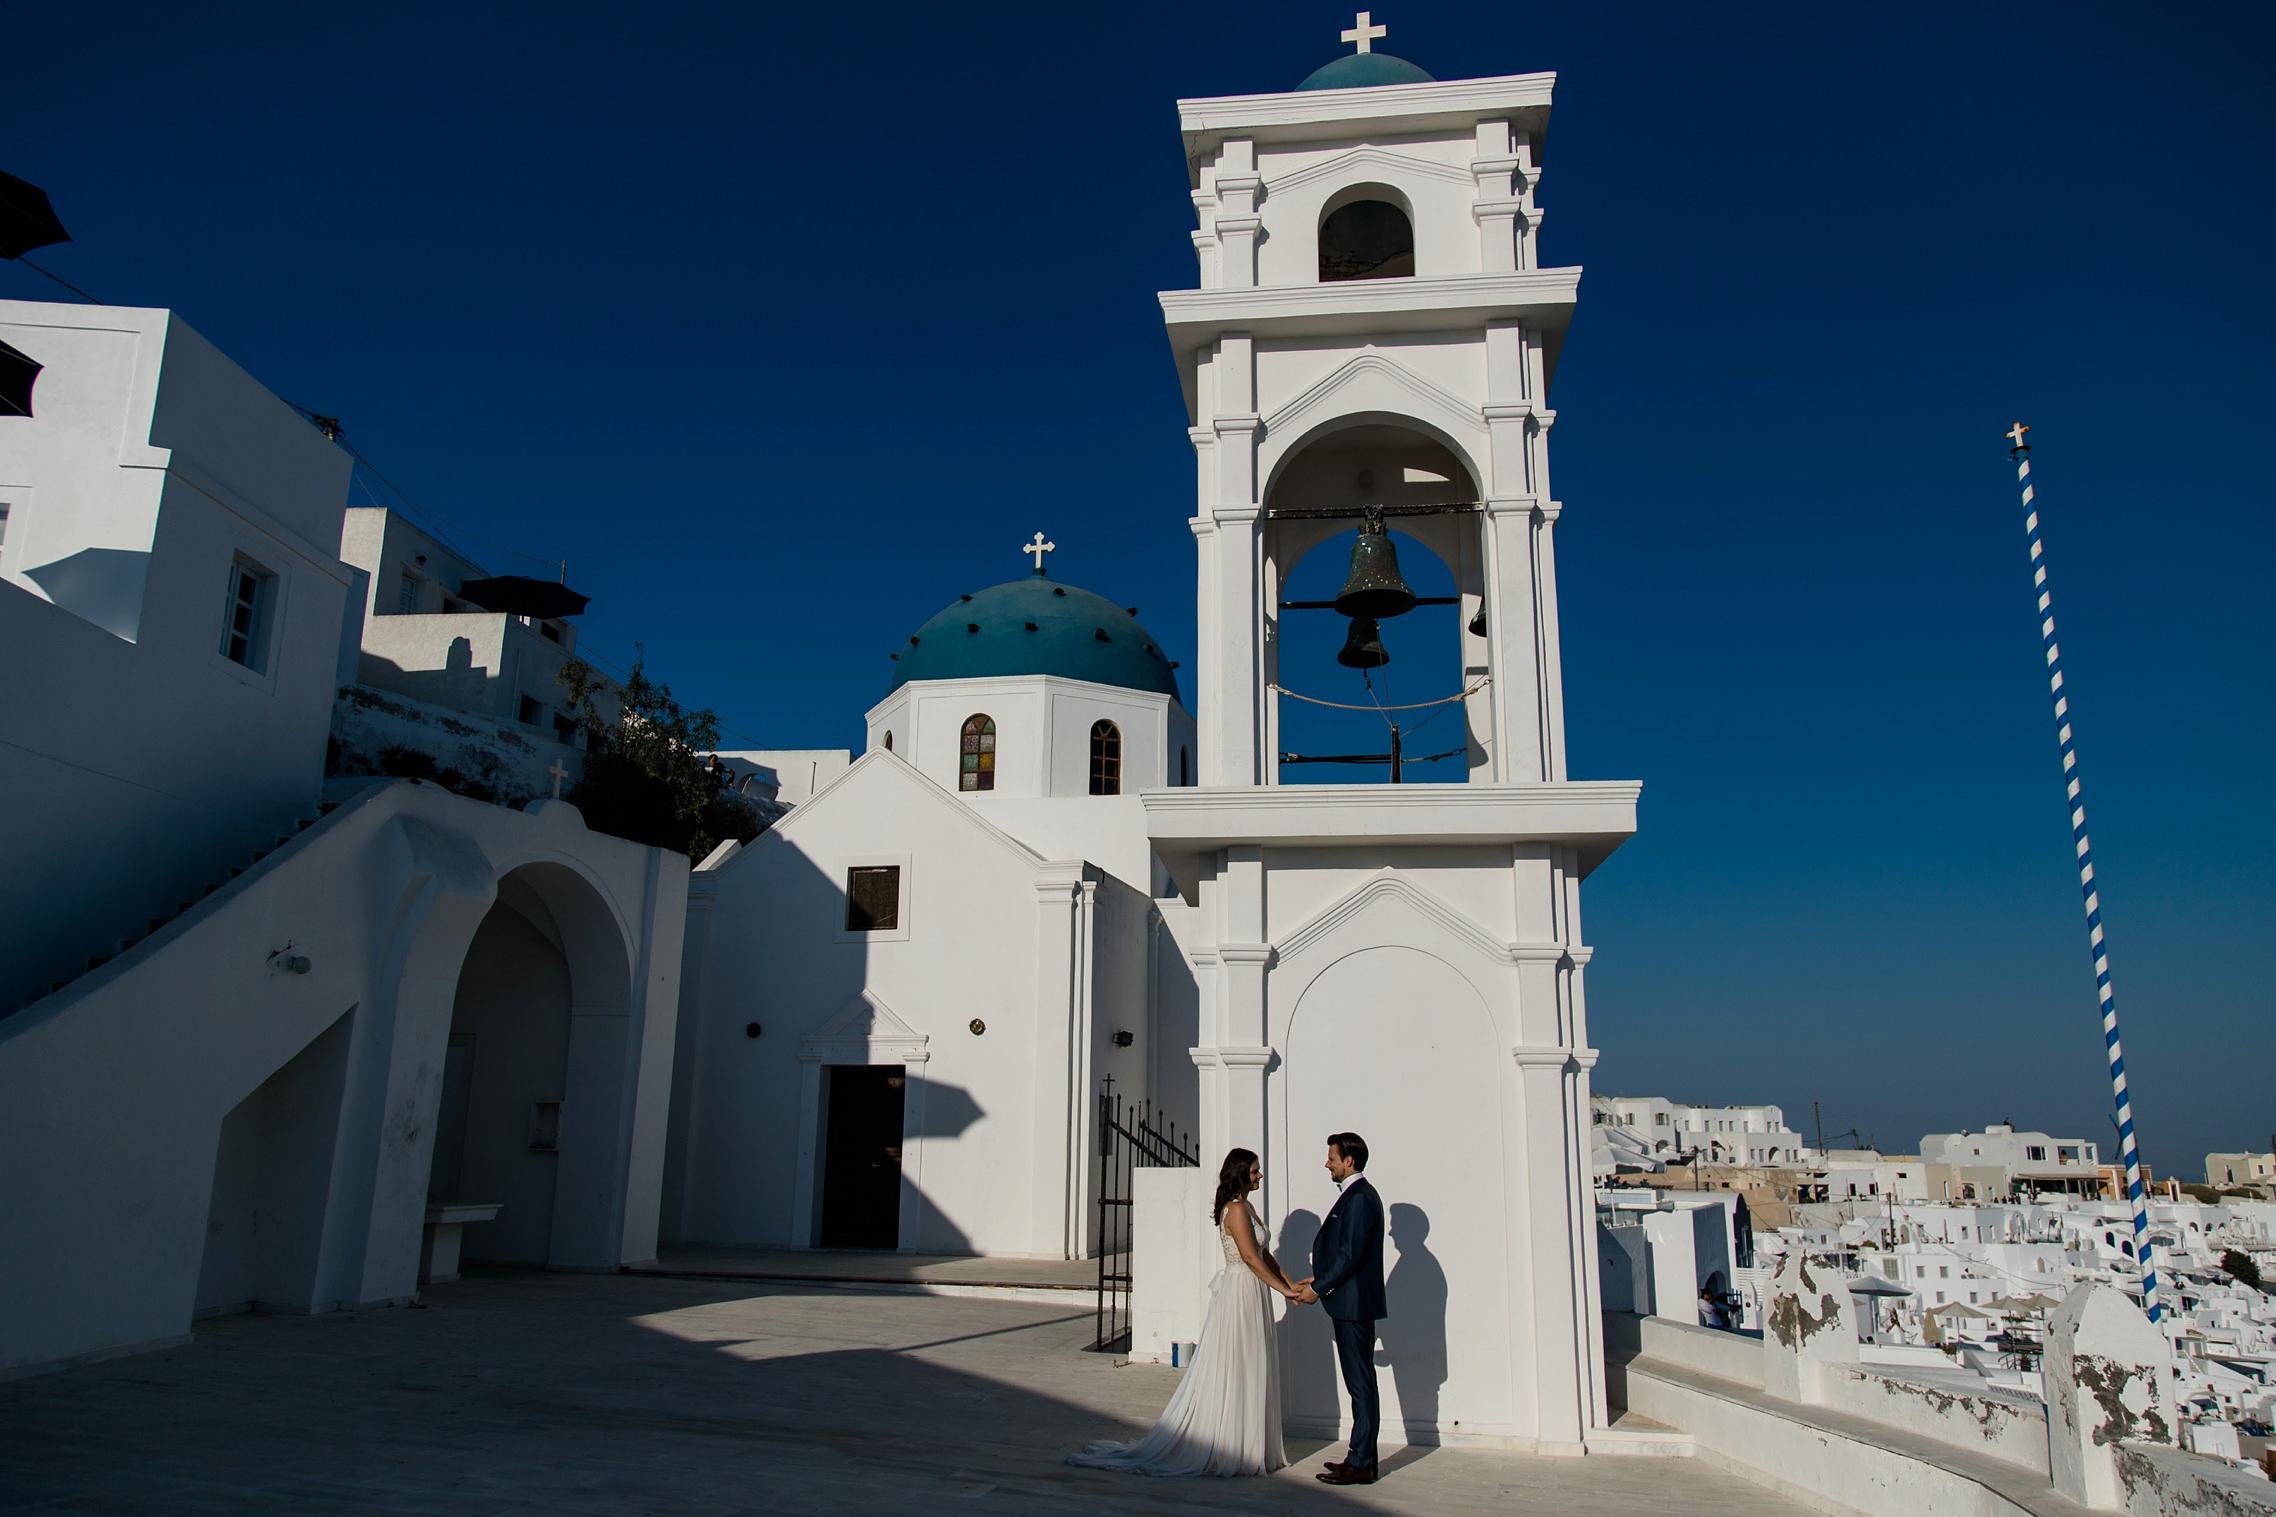 After-Wedding Santorini: Braut und Bräutigam stehen vor einer typischen Santorini-Kulisse in blau und weiß. Kirchturm und Kirchkuppel im Hintergrund.